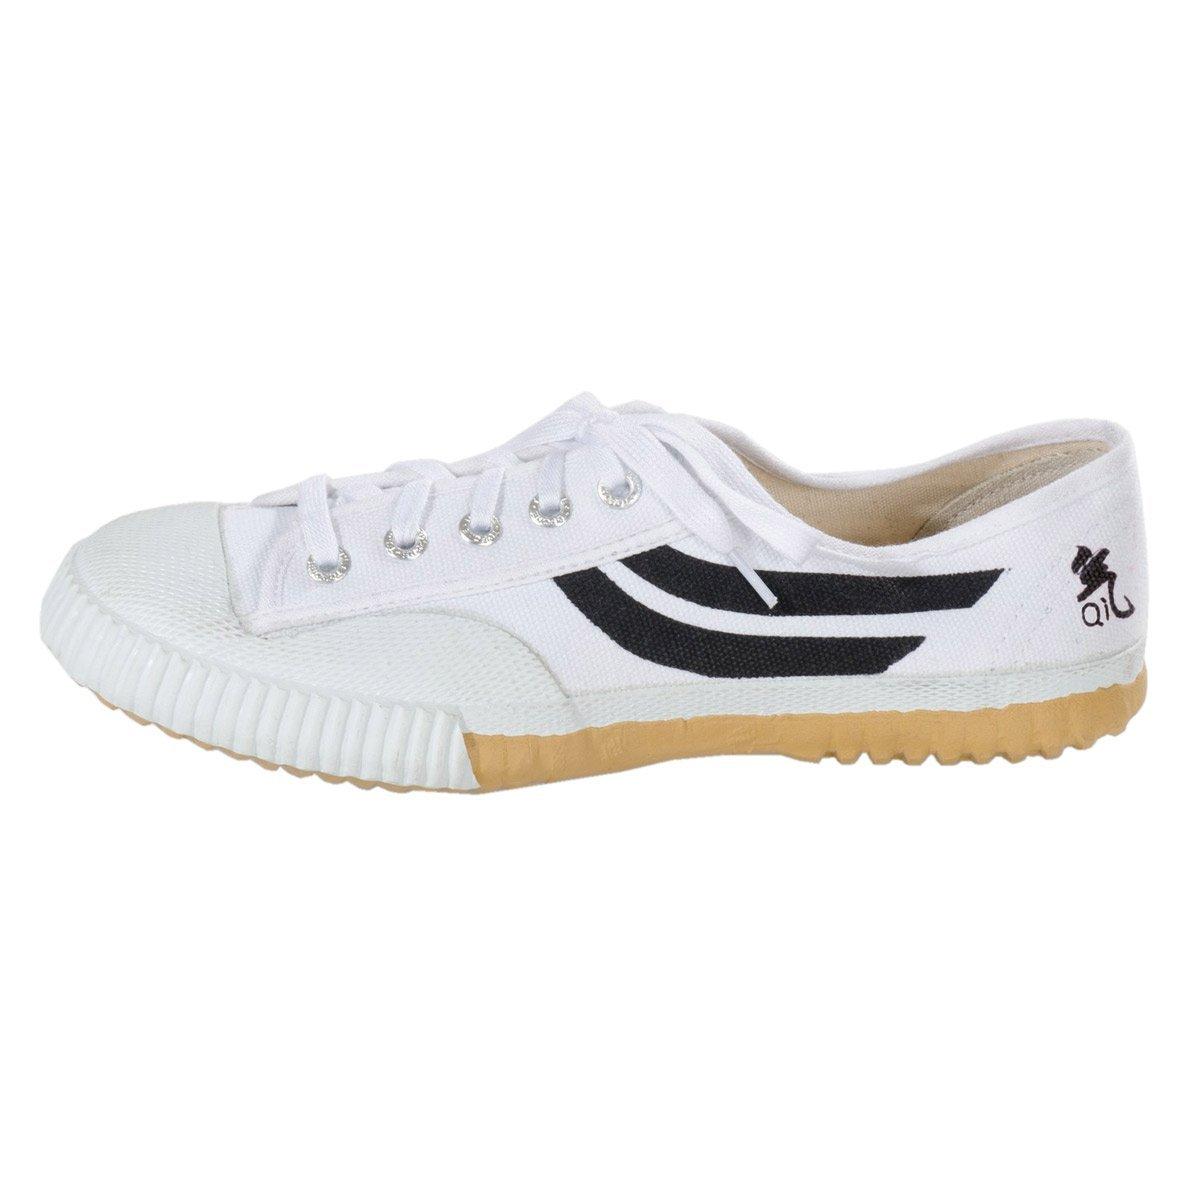 KWON Chaussures de toile pour les arts martiaux, blanc